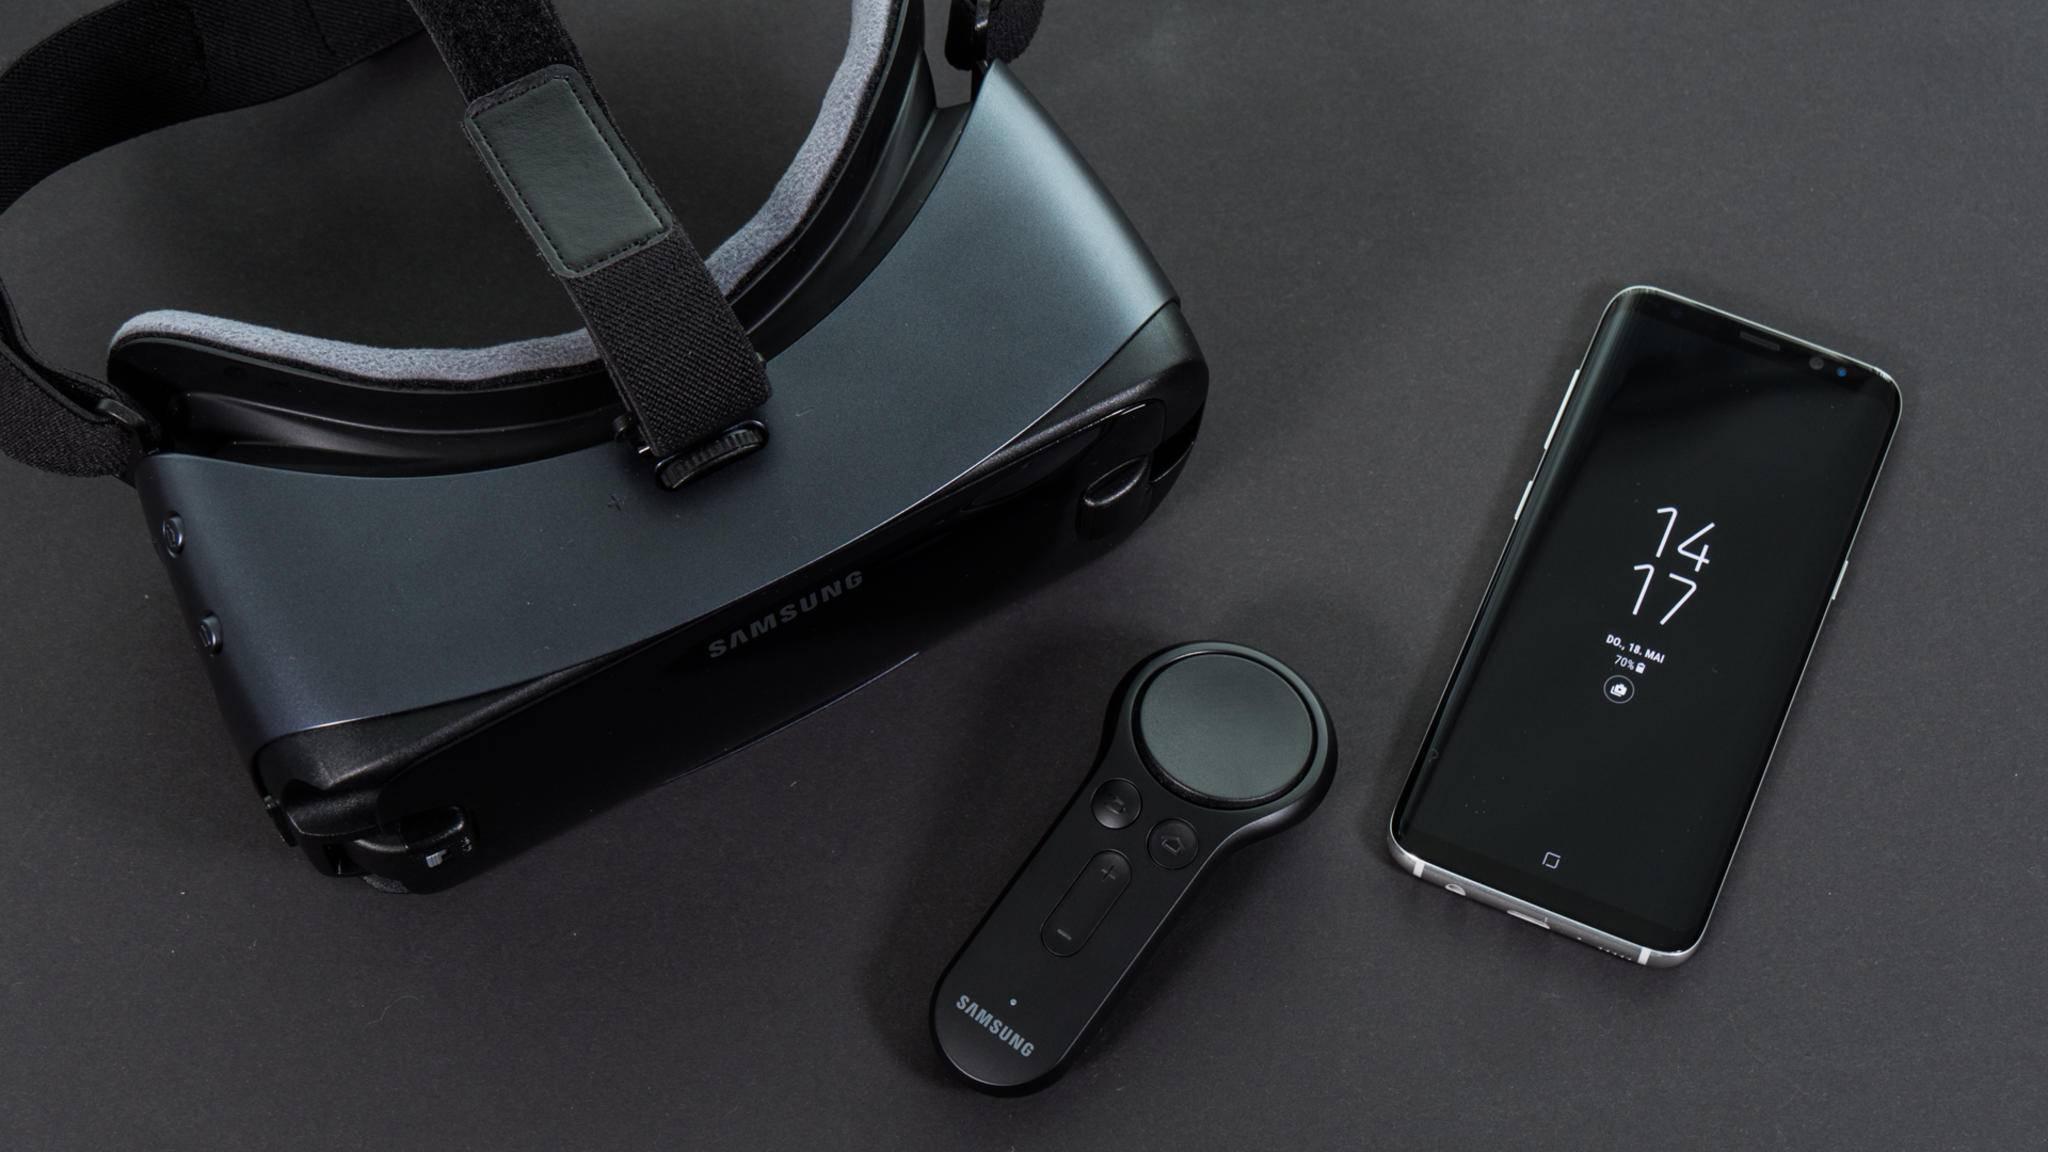 Die Samsung Gear VR ist eine klassische Virtual-Reality-Brille.